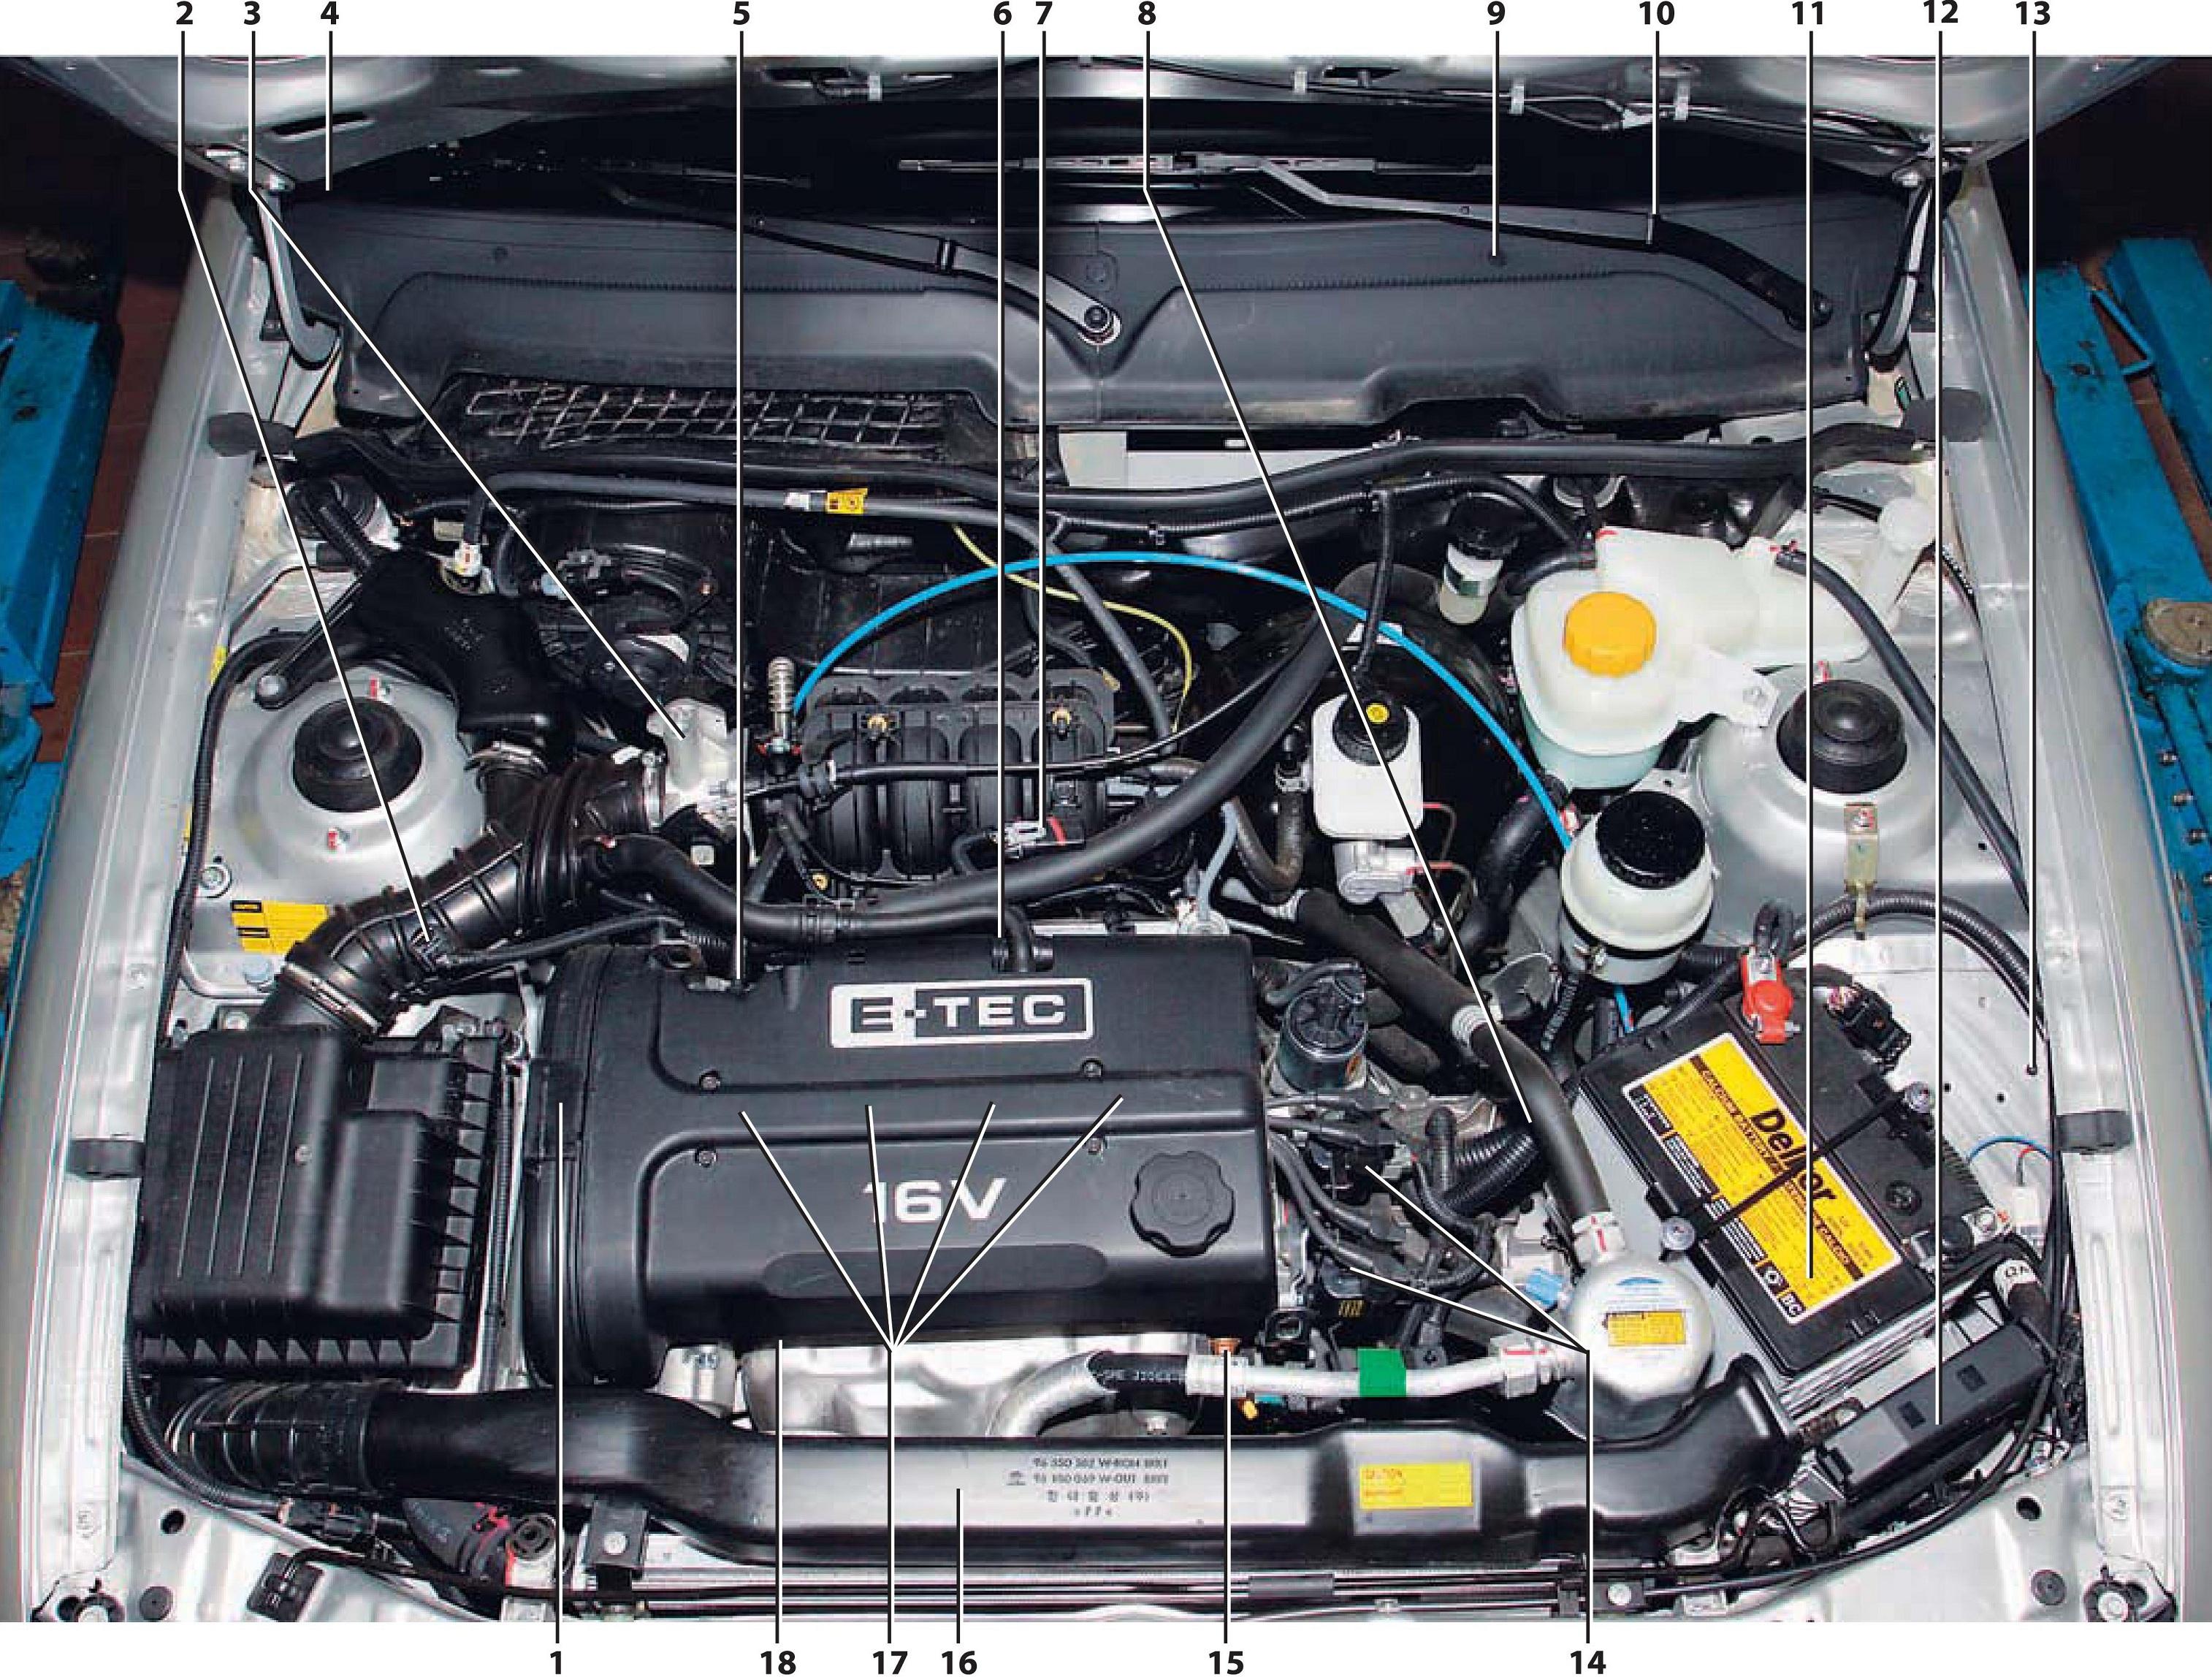 Схема системы охлаждения двигателя ланос 1.5 фото